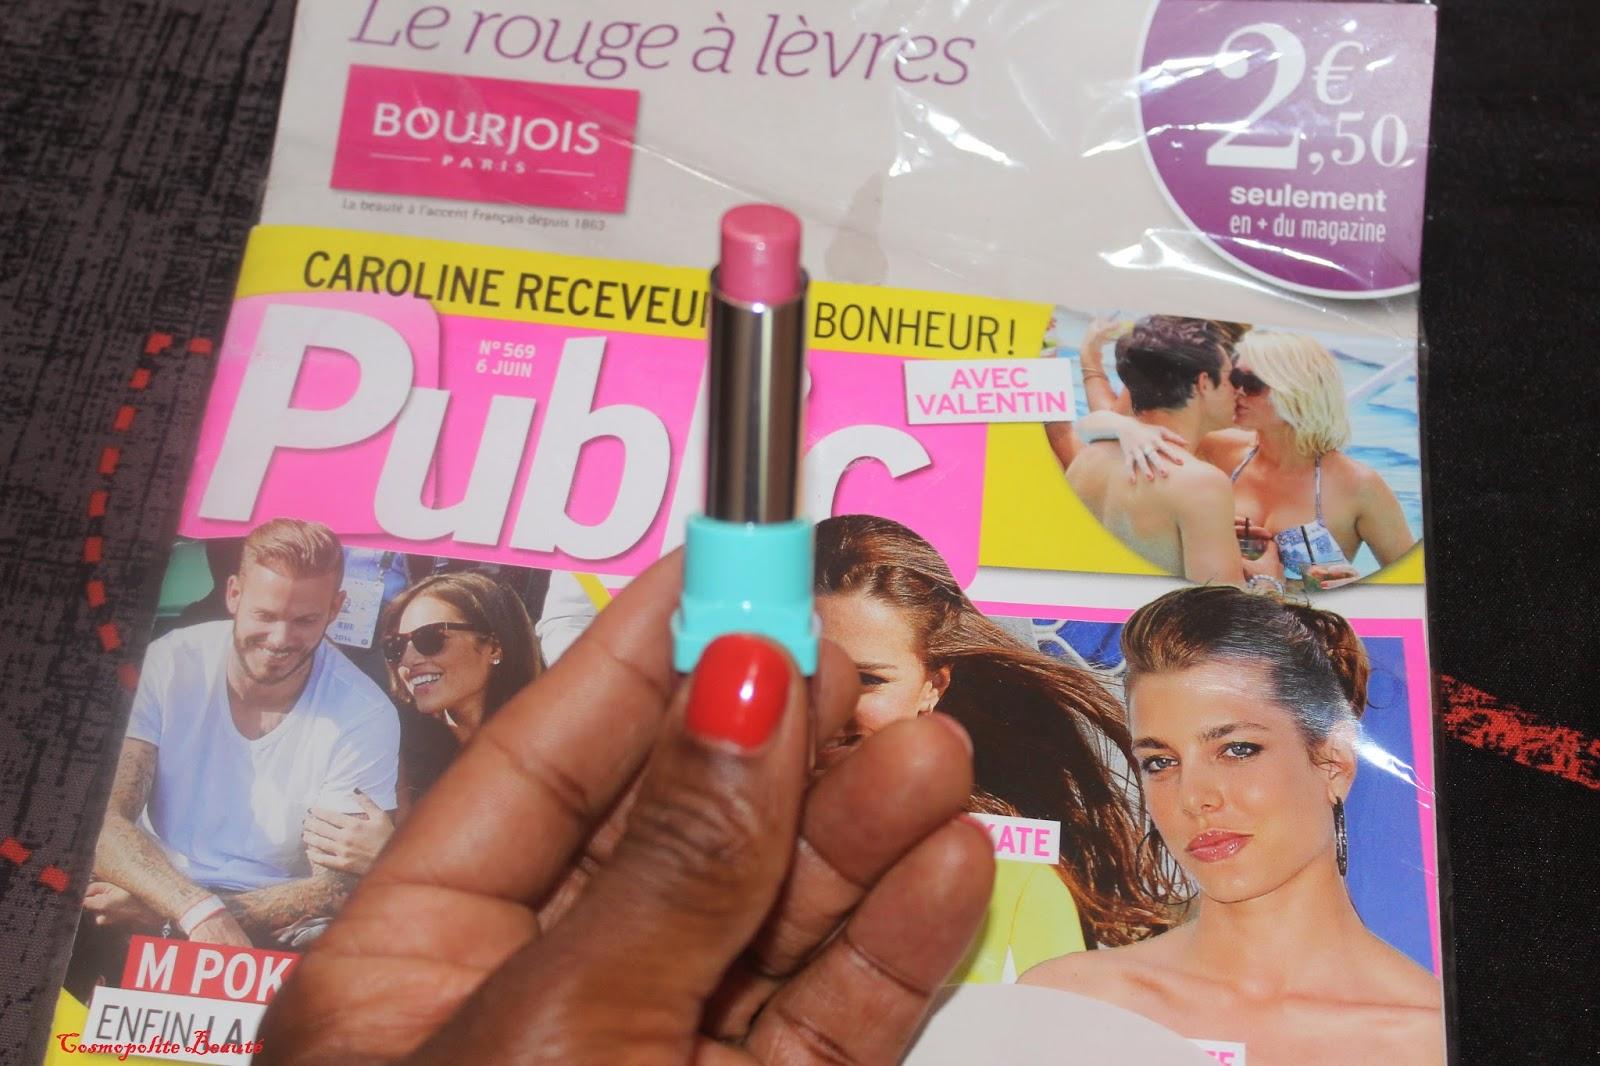 rouge à lèvres, Shine Edition, Bourjois, lèvres, bouche, magazine Public